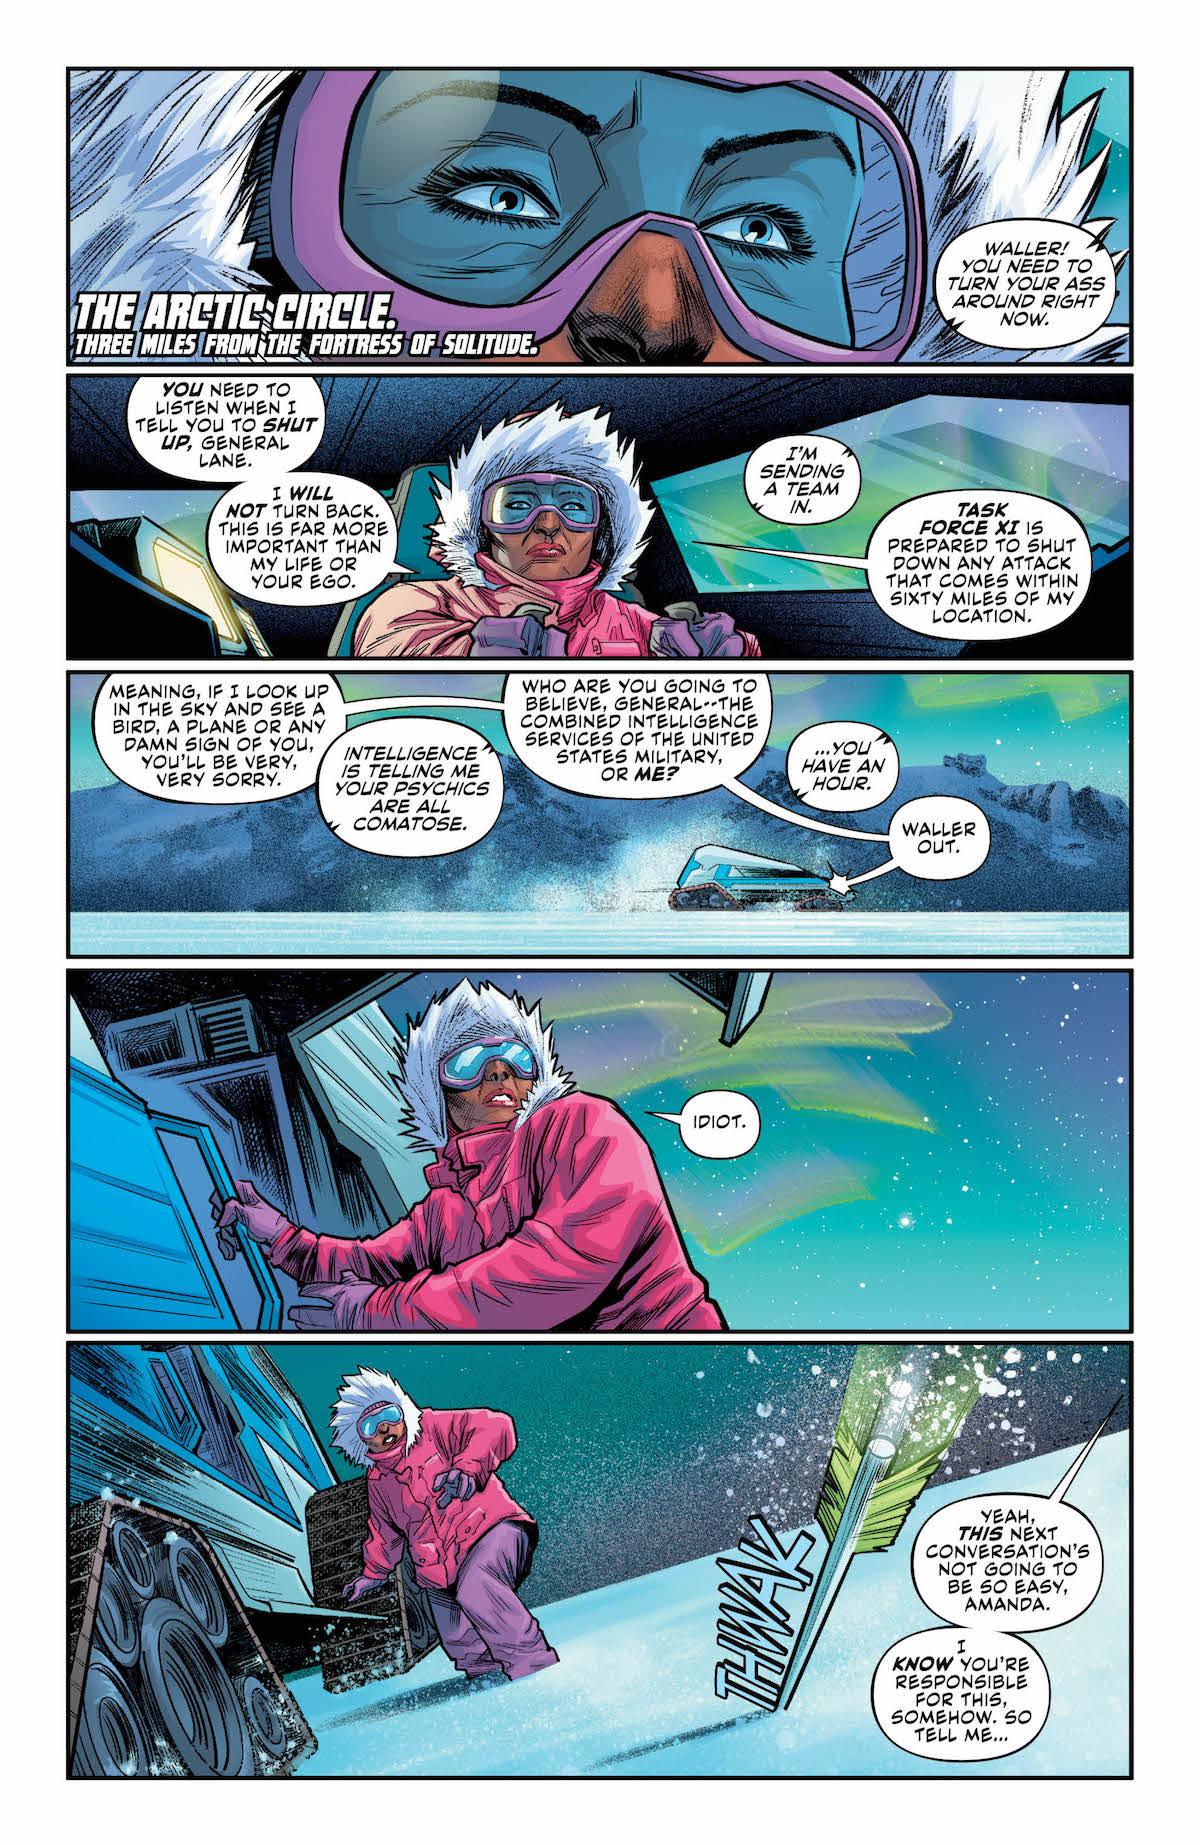 Justice League: No Justice #2 page 1